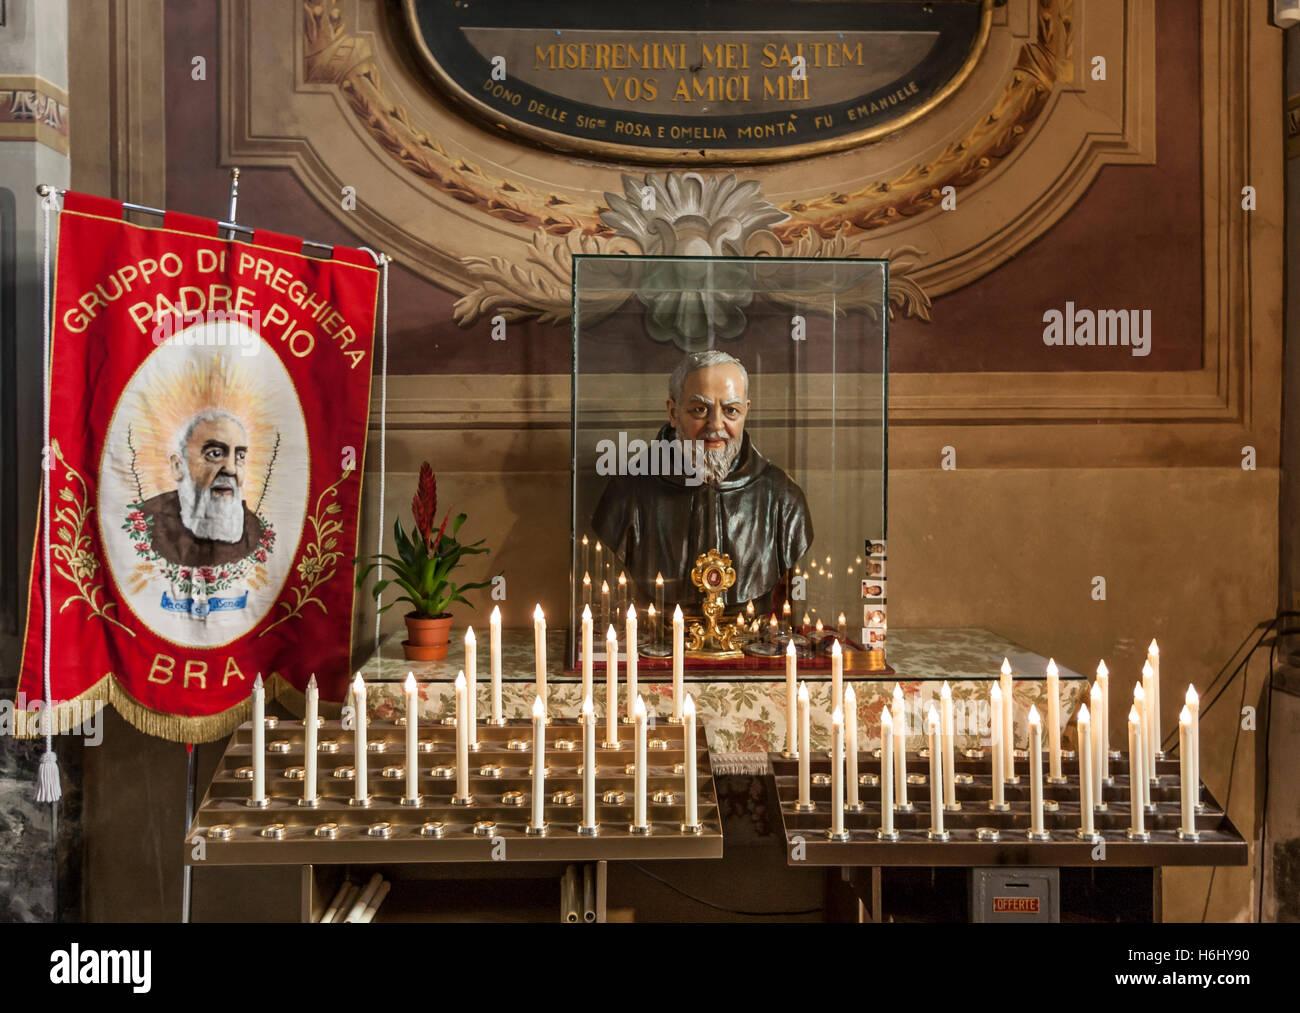 Omaggio a Padre Pio nella chiesa della confraternita di San Giovanni decapitato nel reggiseno in una città Immagini Stock